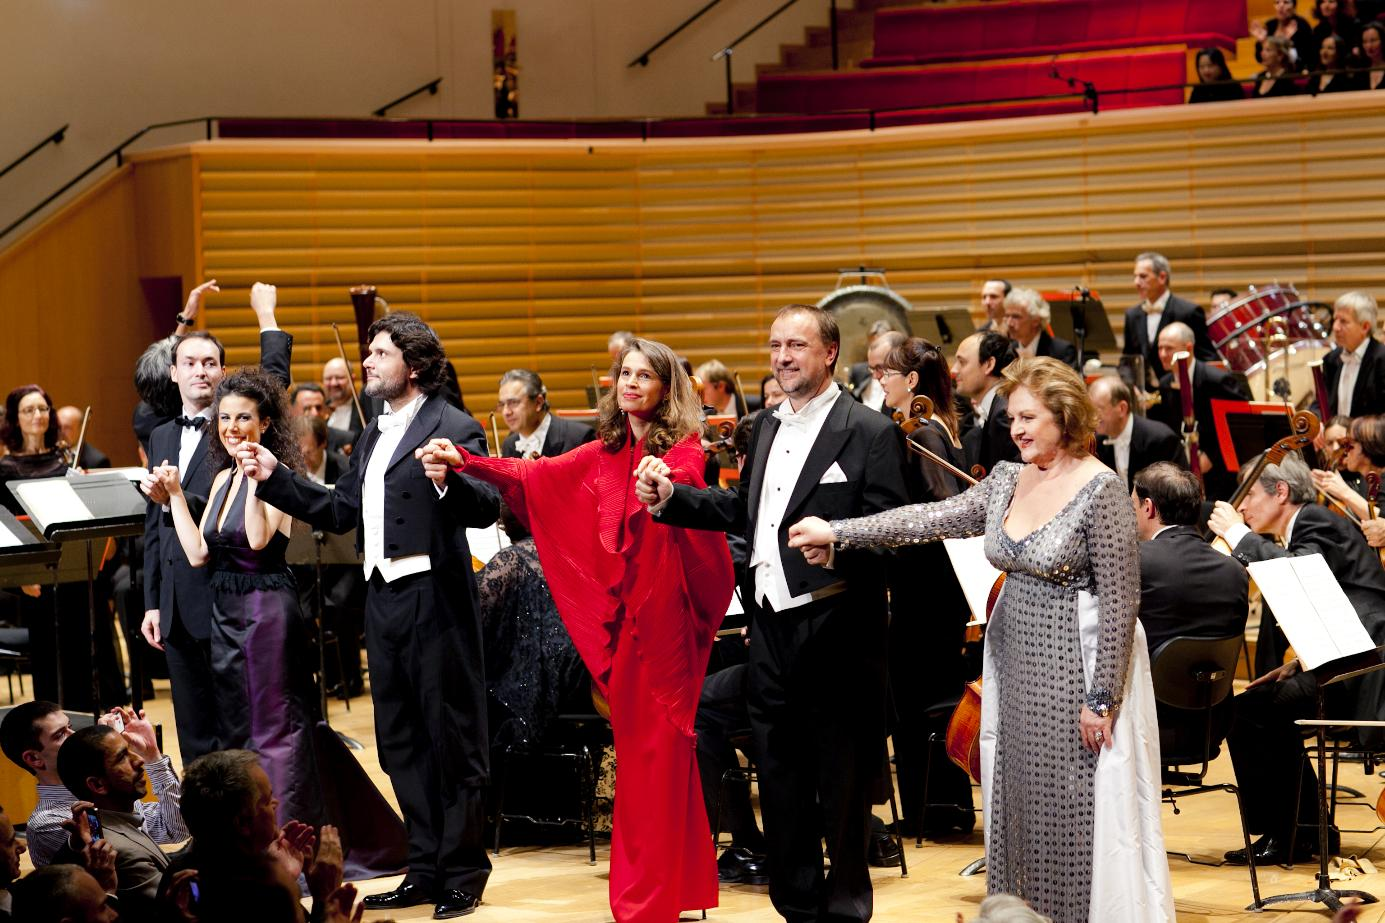 L'Orchestre et les interprètes